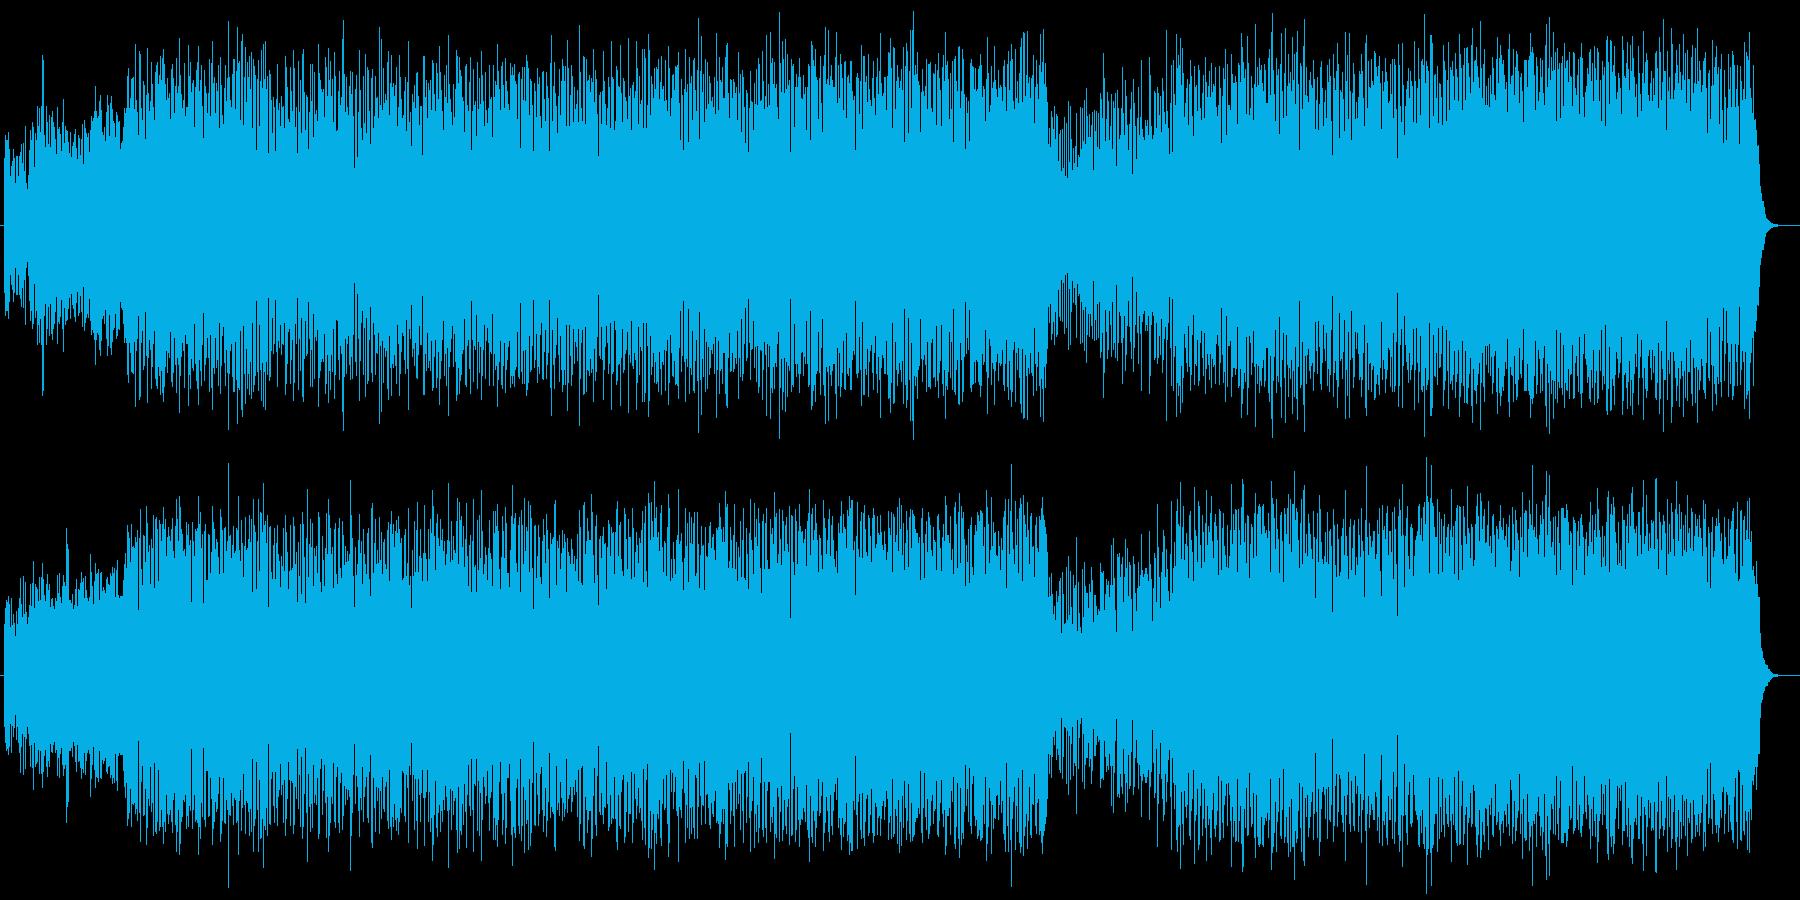 明るくはじけるシンセサイザーテクノEDMの再生済みの波形